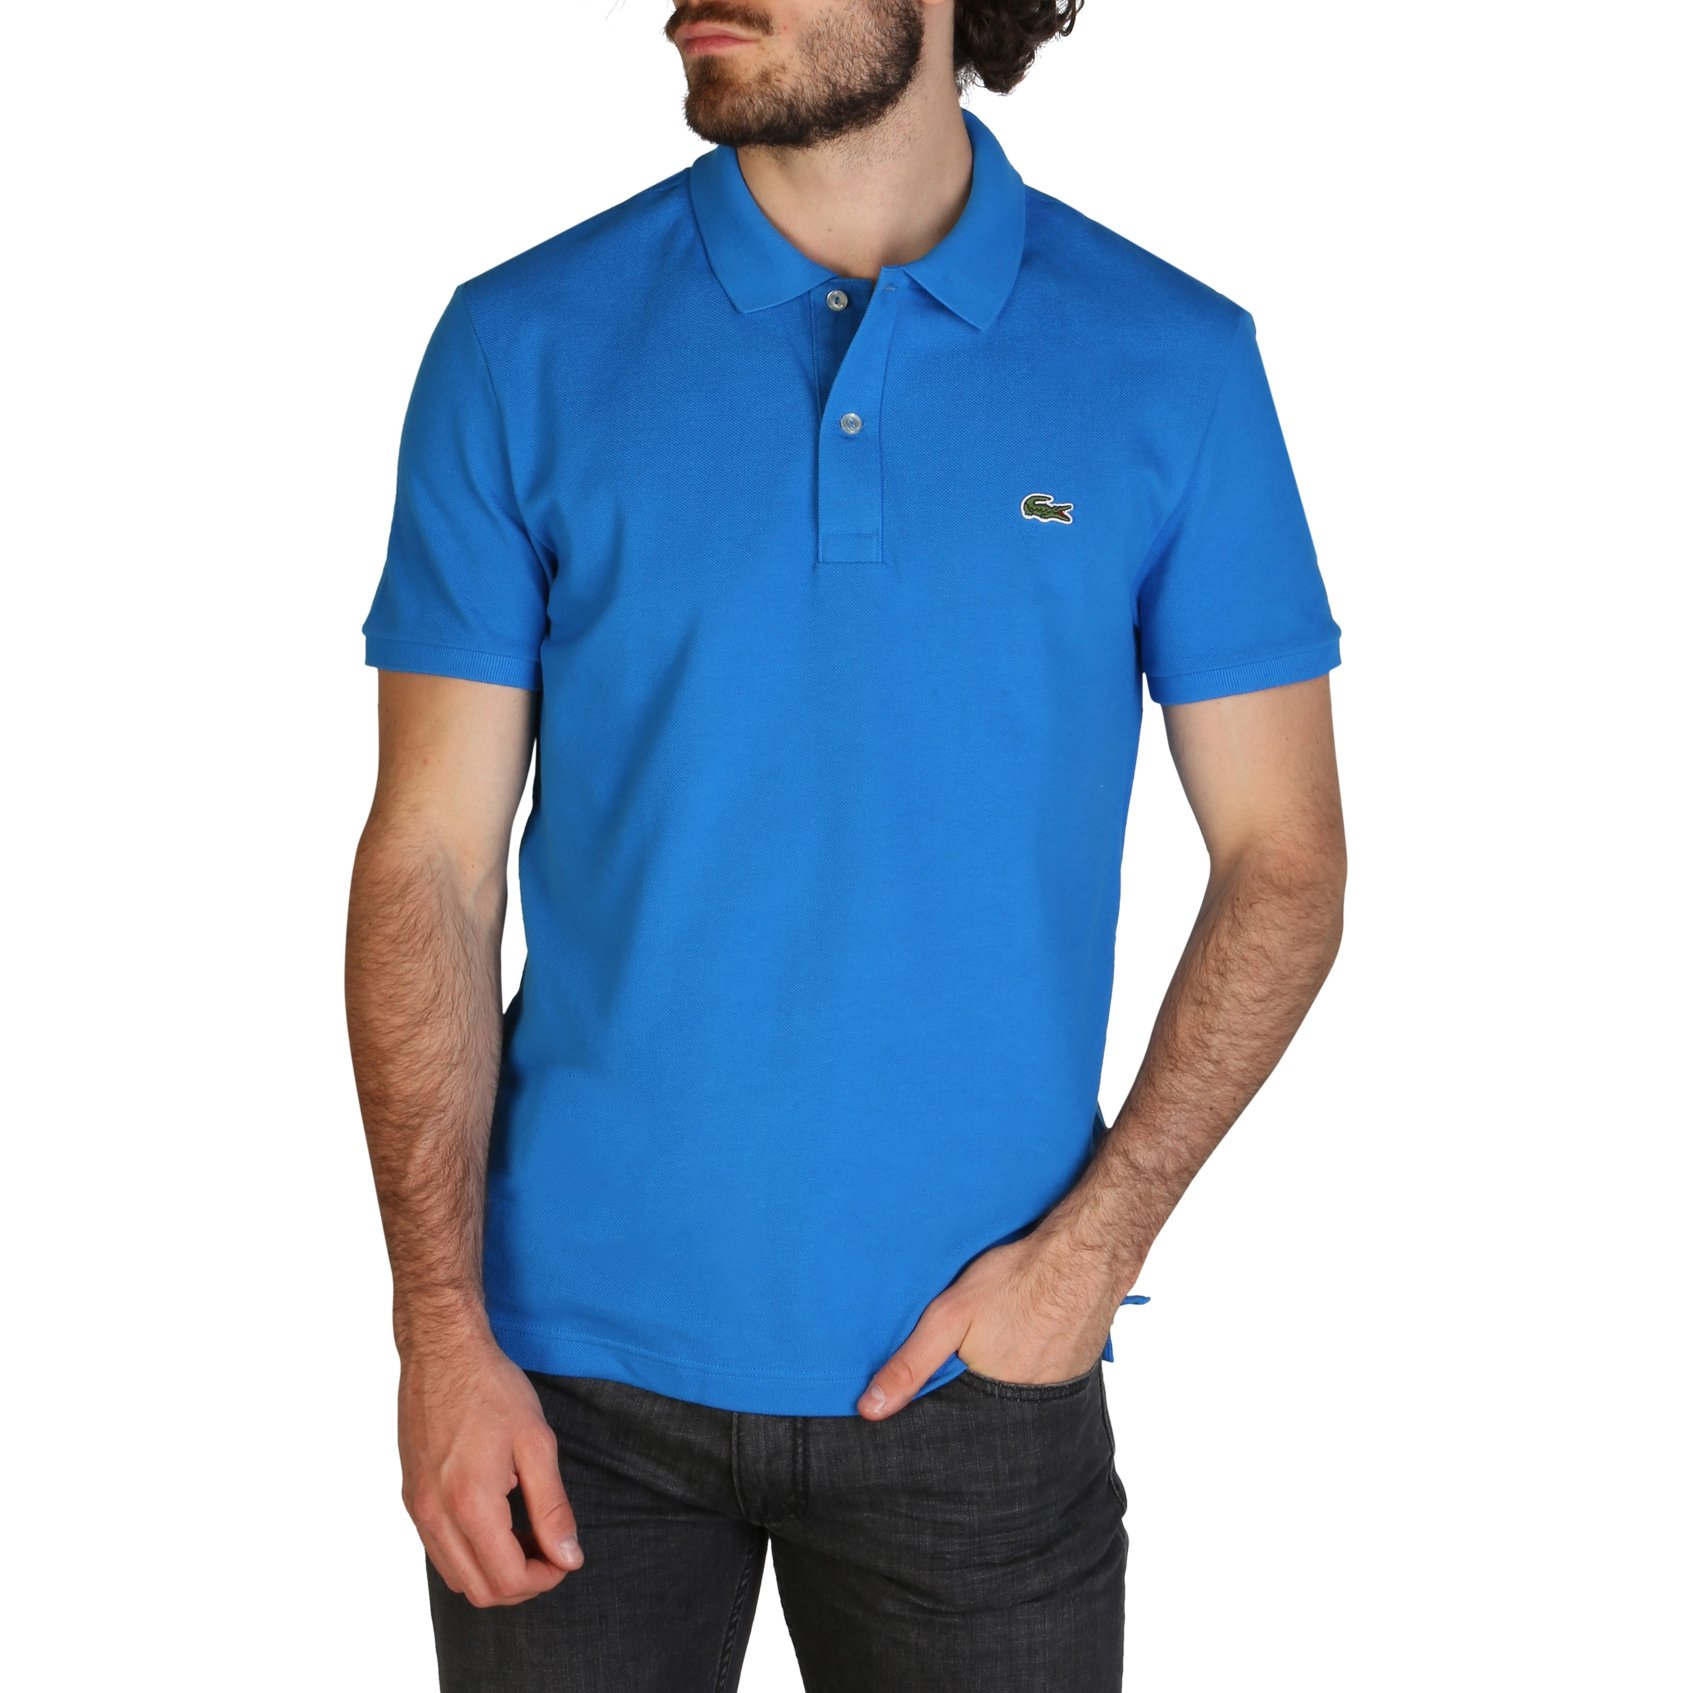 Lacoste Men's Polo Shirt Various Colours PH4012_SLIM - blue-2 S